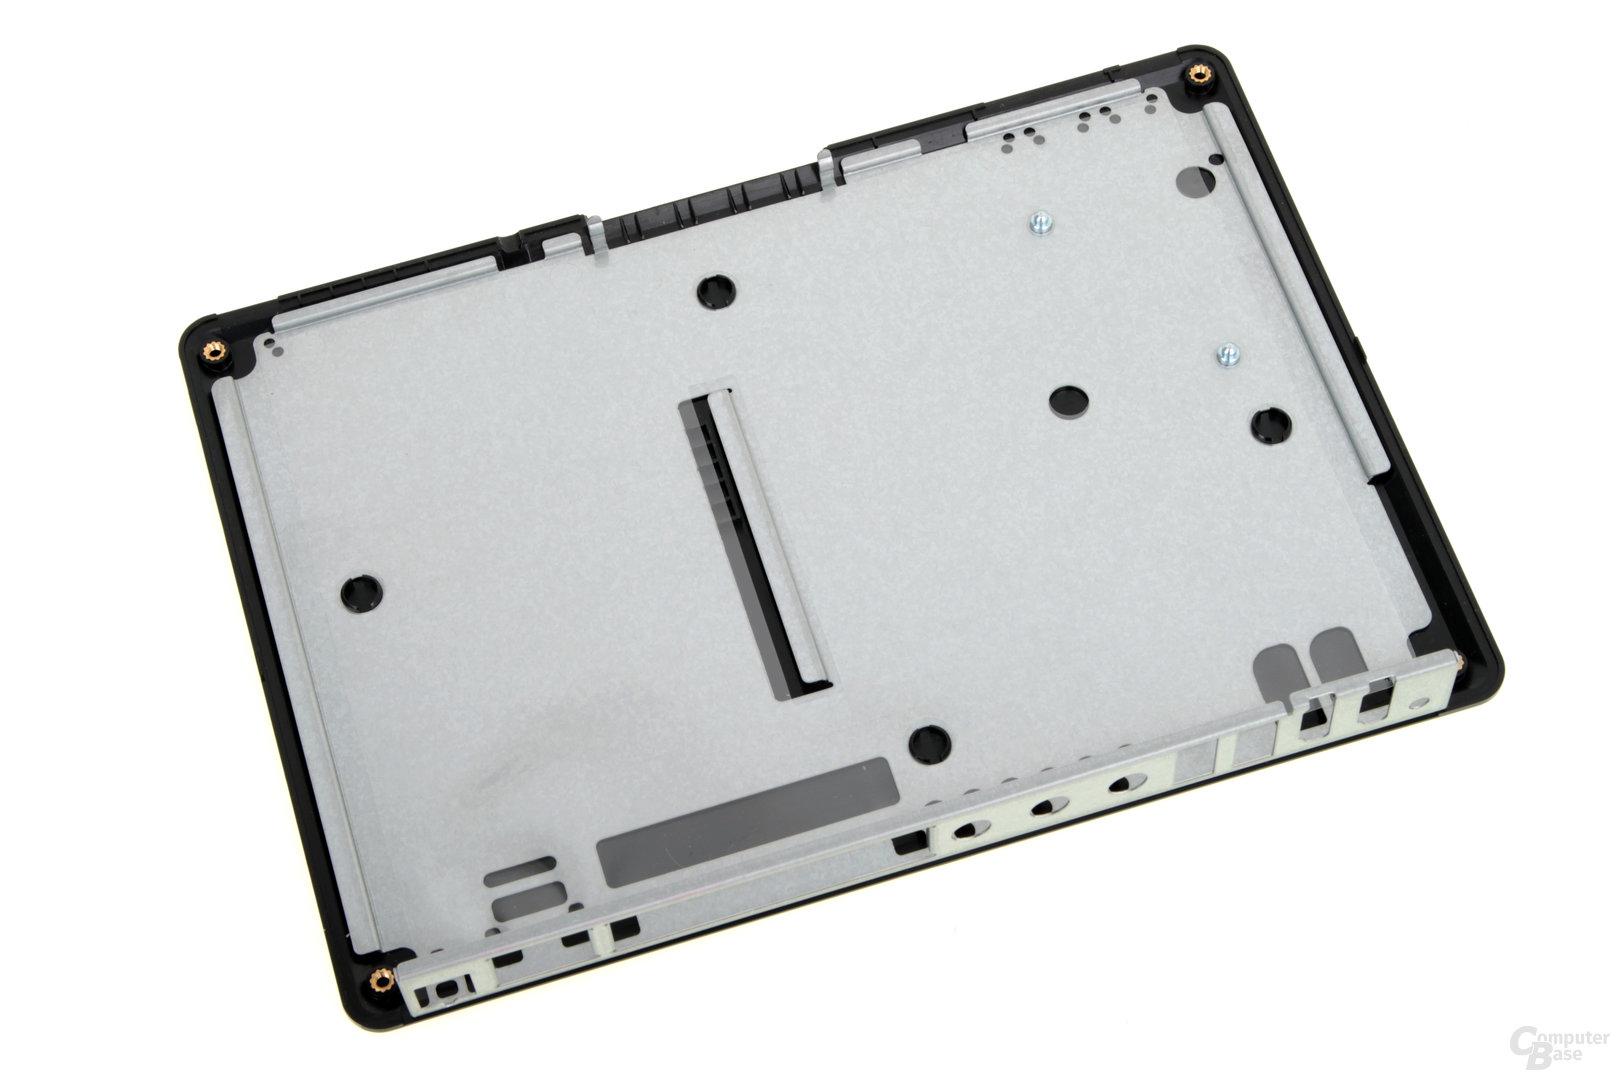 QNAP TBS-453A – entfernter Deckel mit Metallplatte